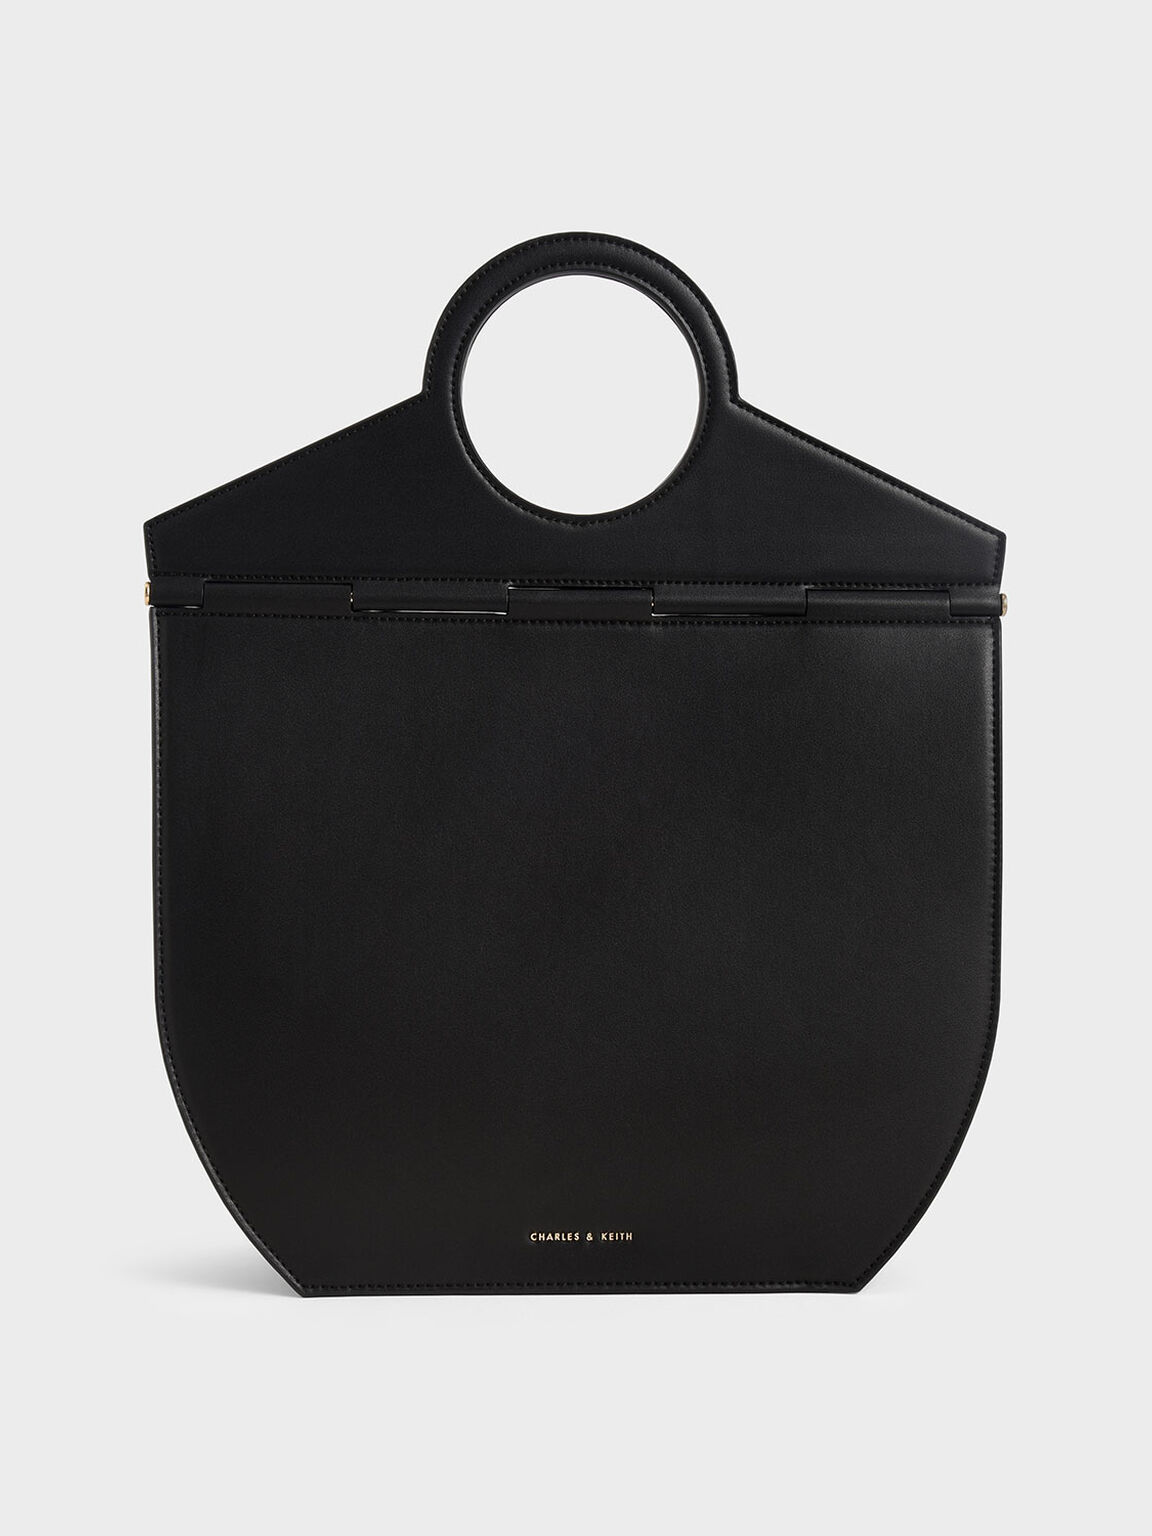 圓形手提托特包, 黑色, hi-res